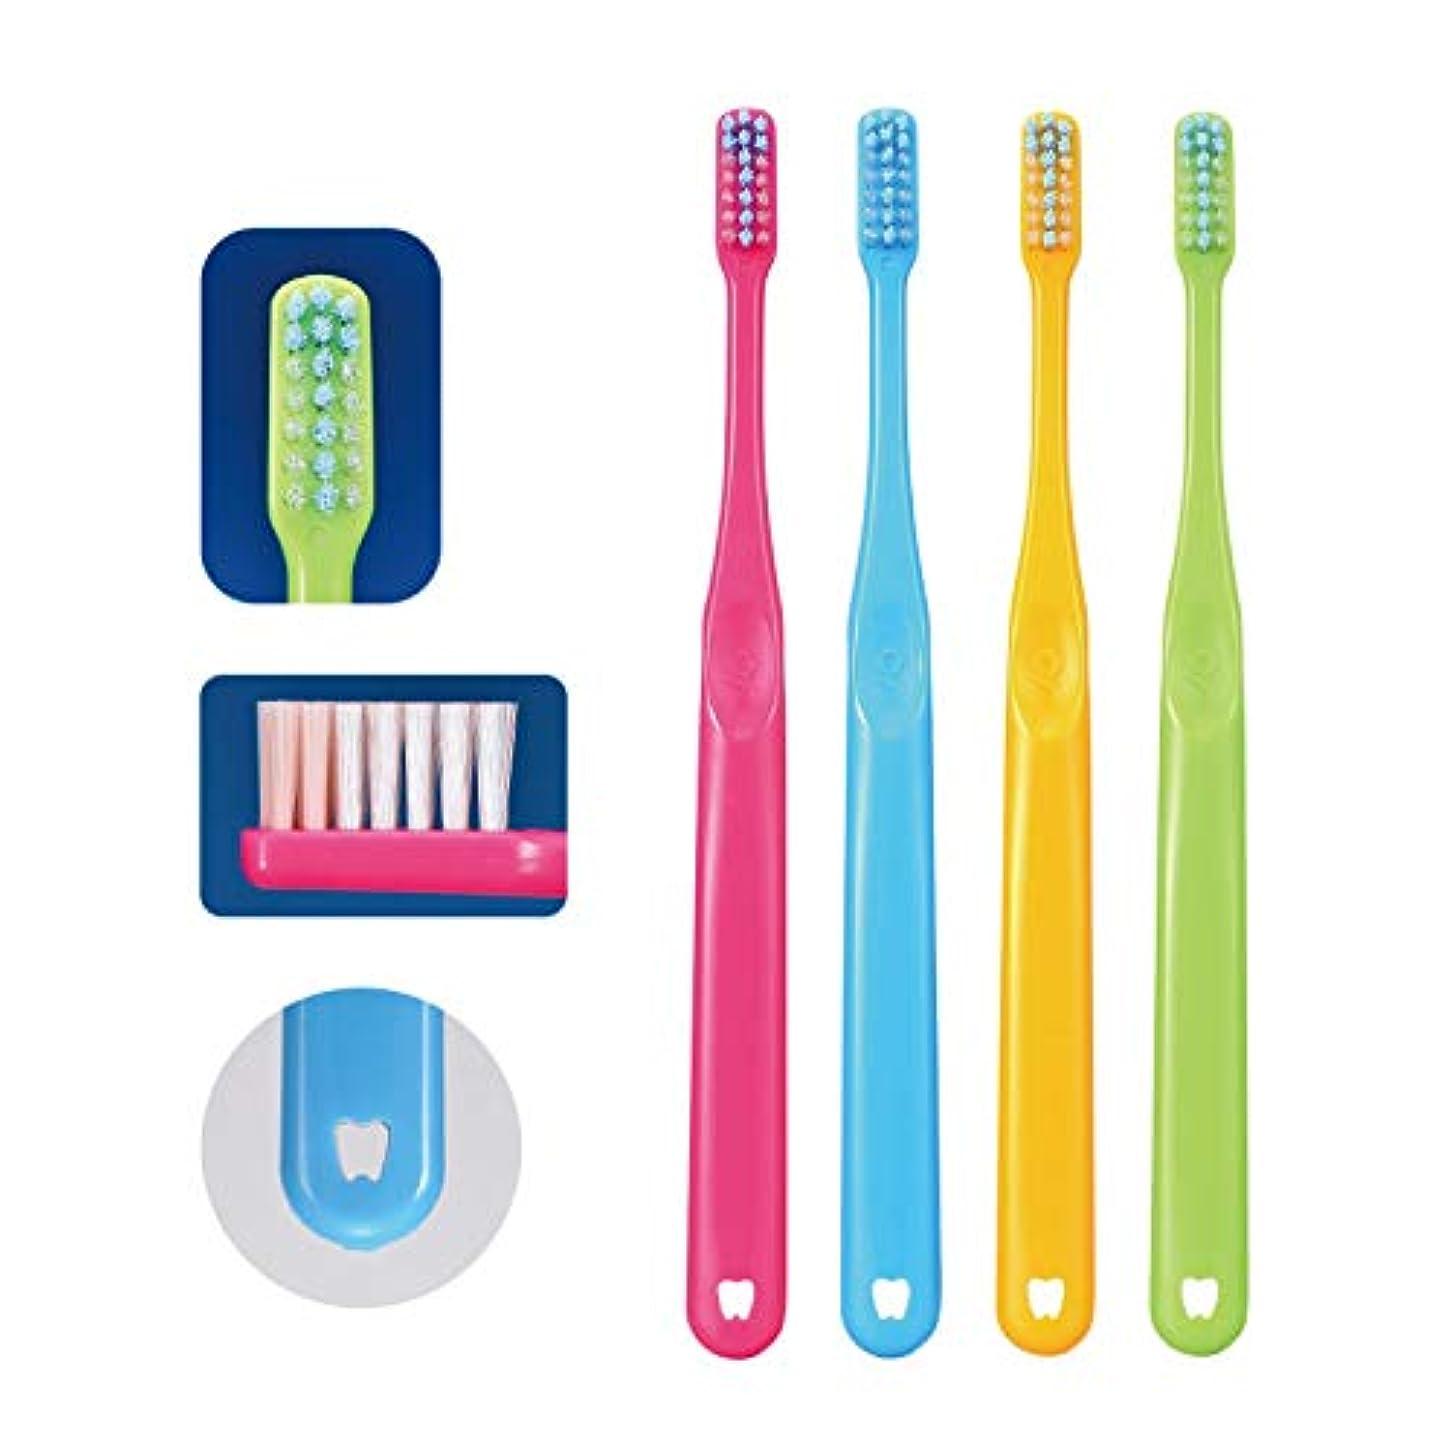 言う自動化誘導Ci PRO PLUS プロプラス 歯ブラシ 20本 M(ふつう) 日本製 プラーク除去 歯科専売品